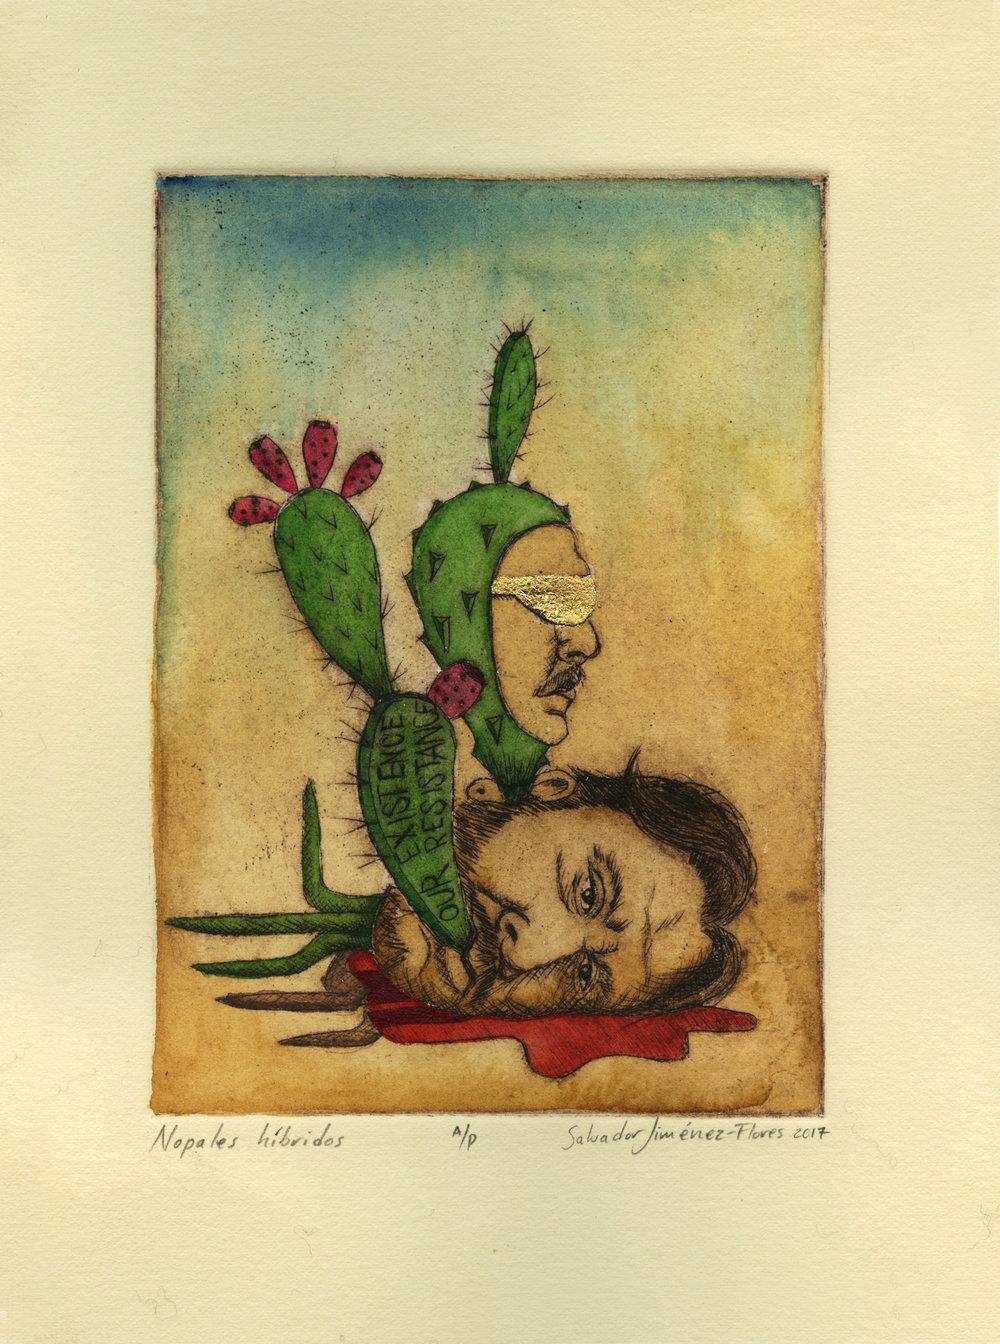 Hybrid Cacti/Nopales híbridos